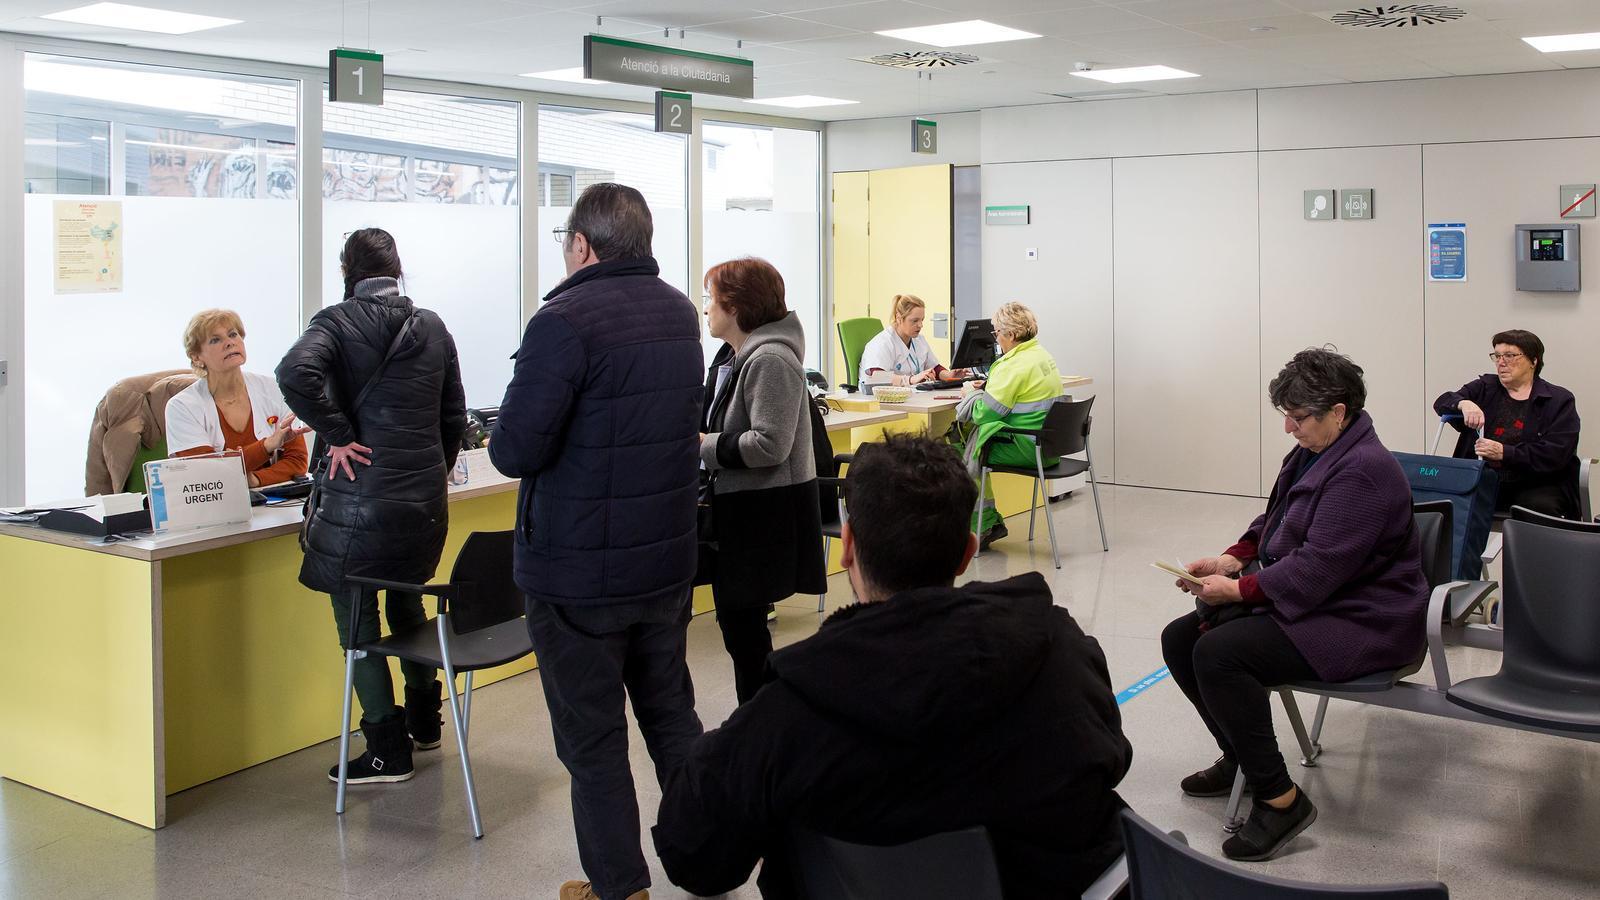 Atenció a usuaris del CAP Roger durant el brot de coronavirus a Barcelona, Catalunya